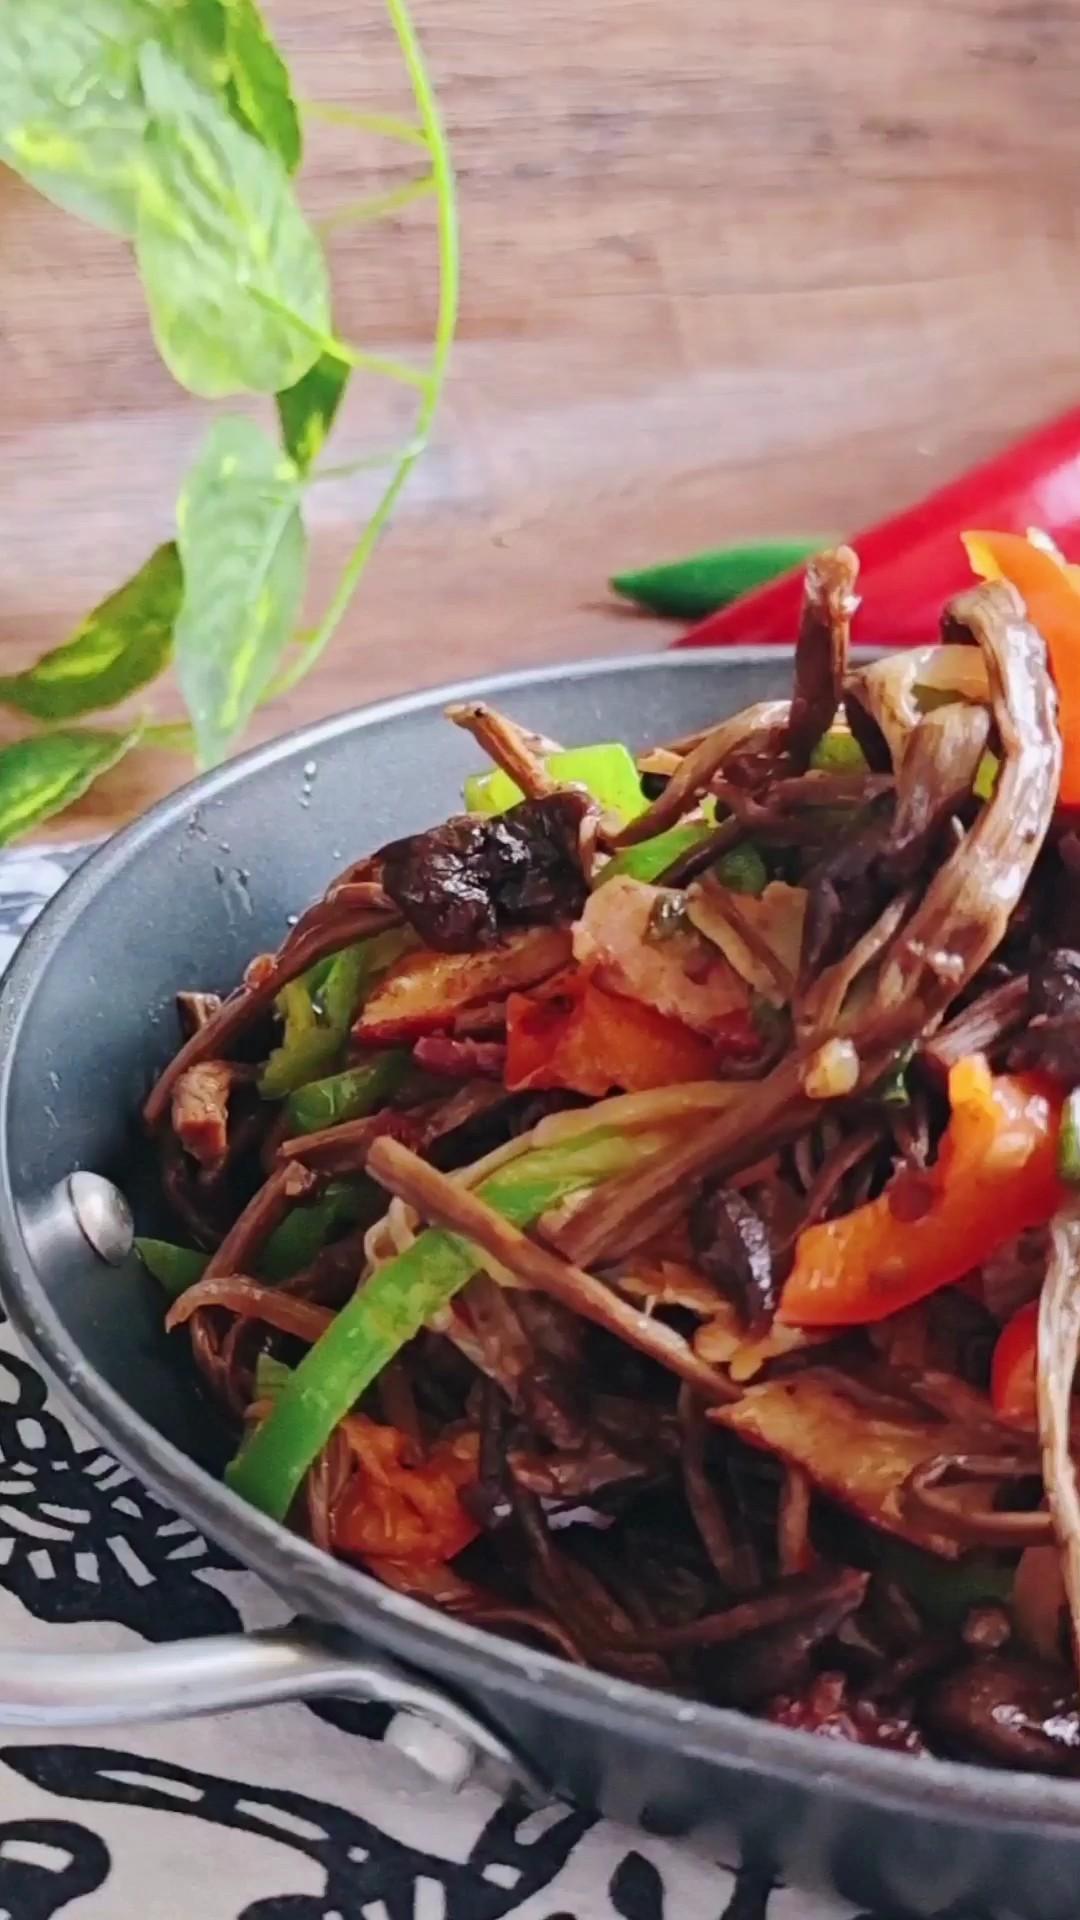 干鲜下饭菜,能下三碗饭~干锅腊肉茶树菇